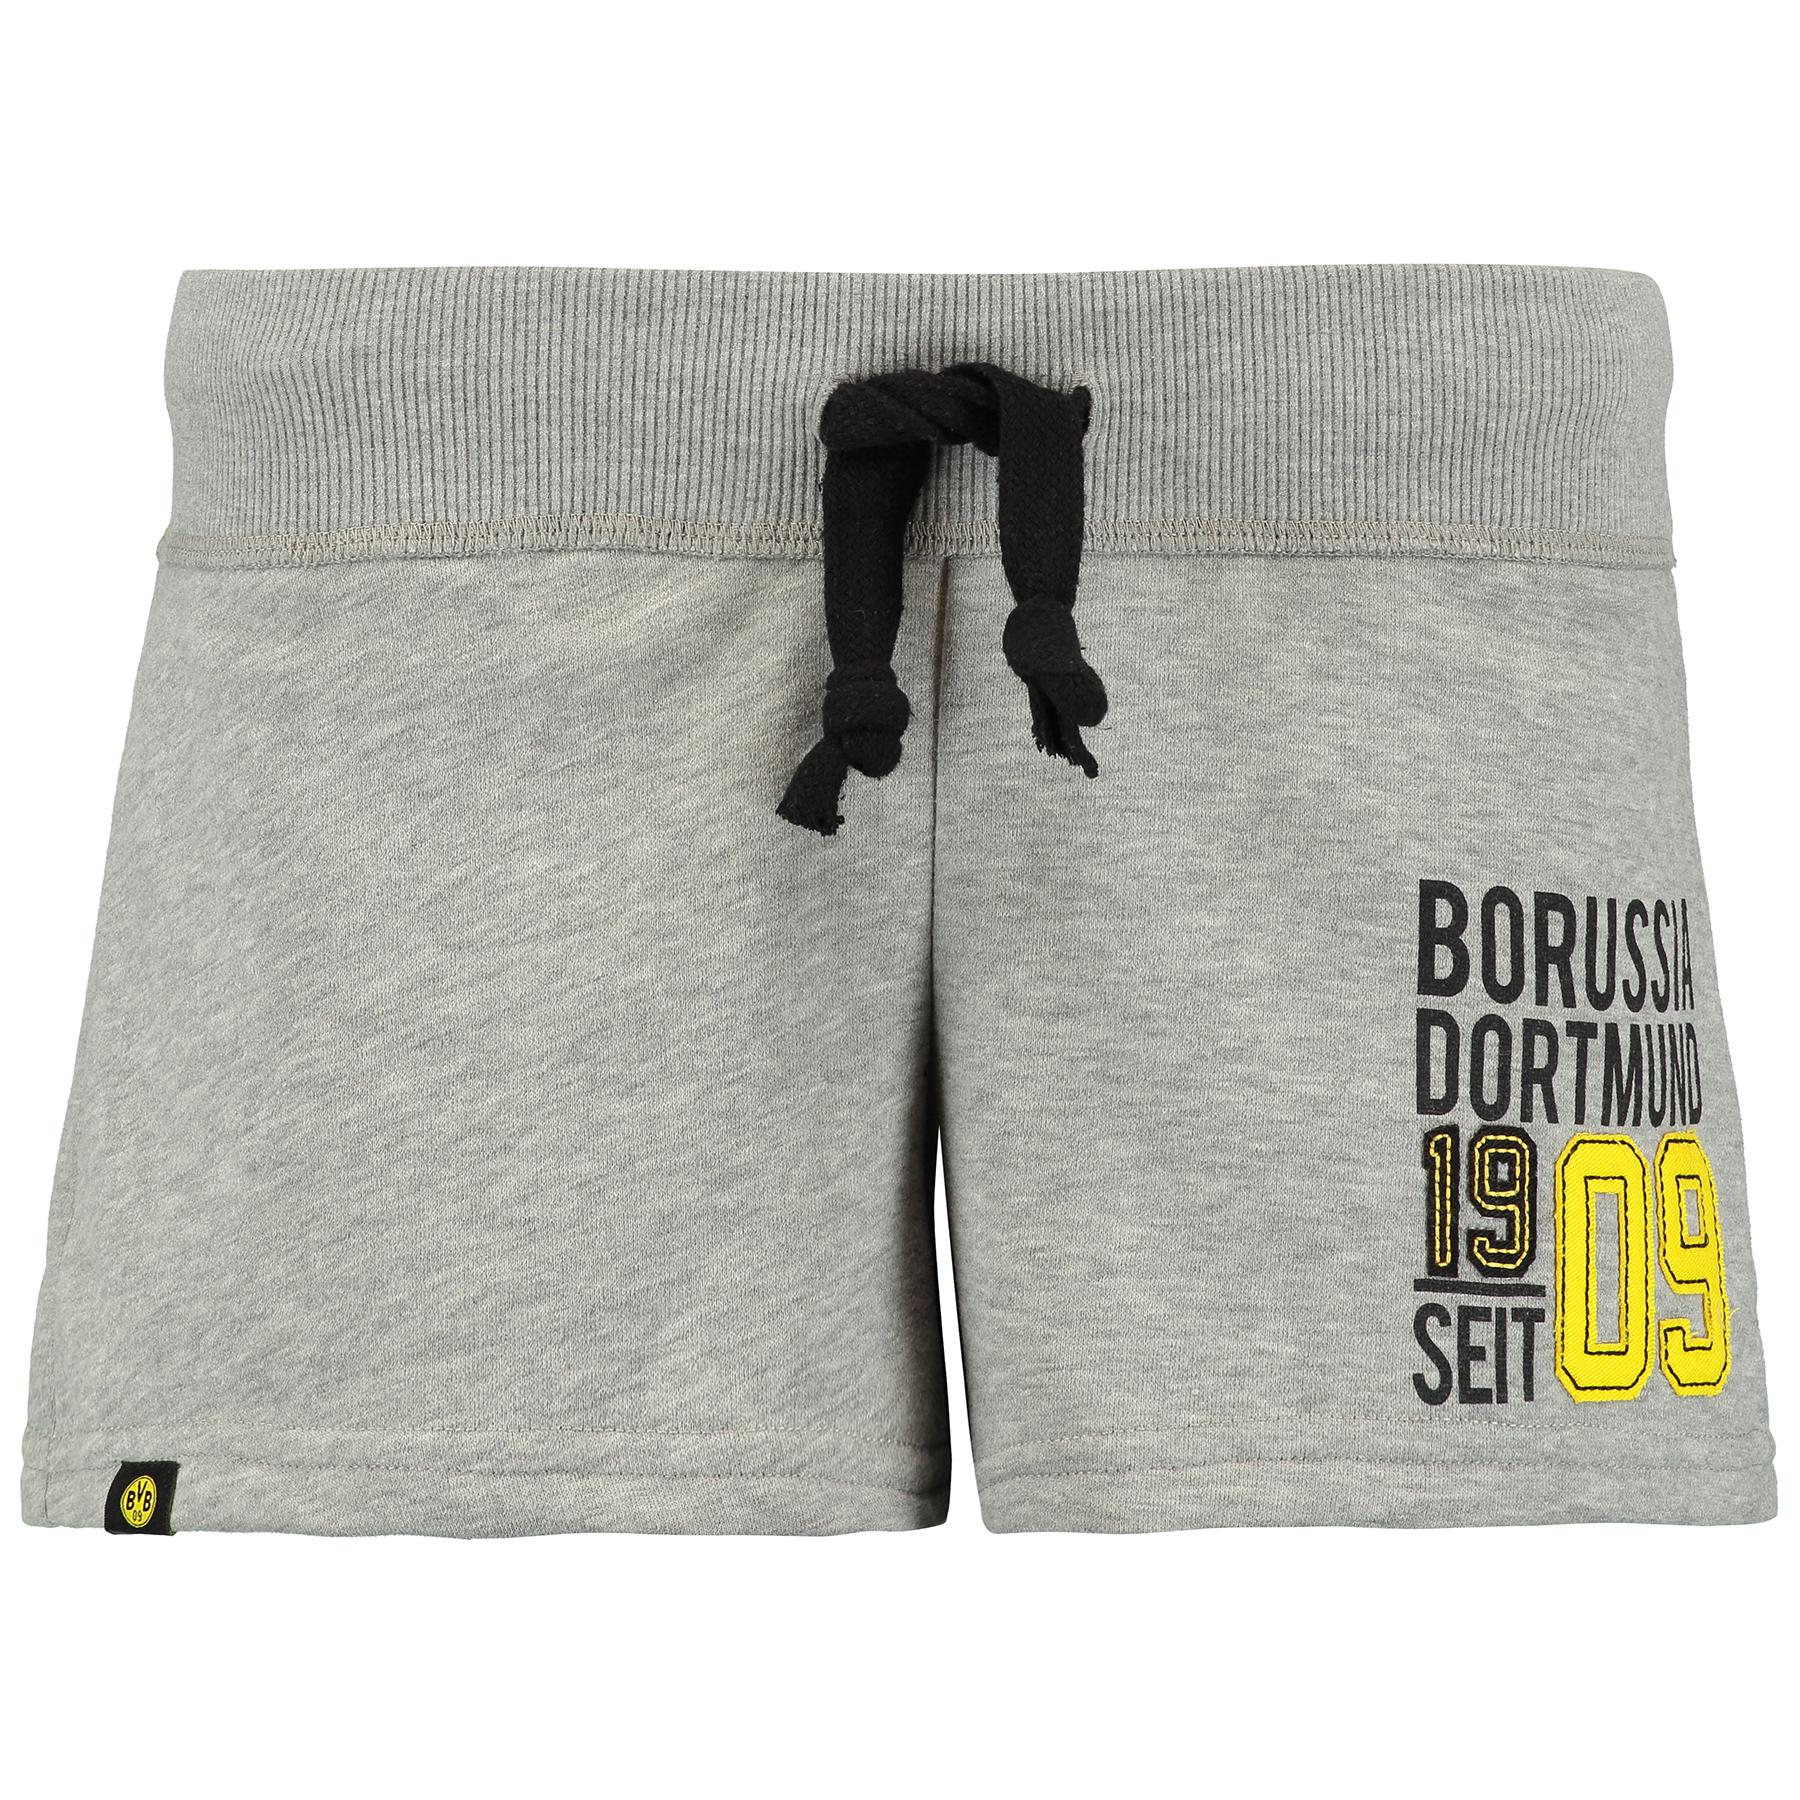 BVB Shorts – Womens